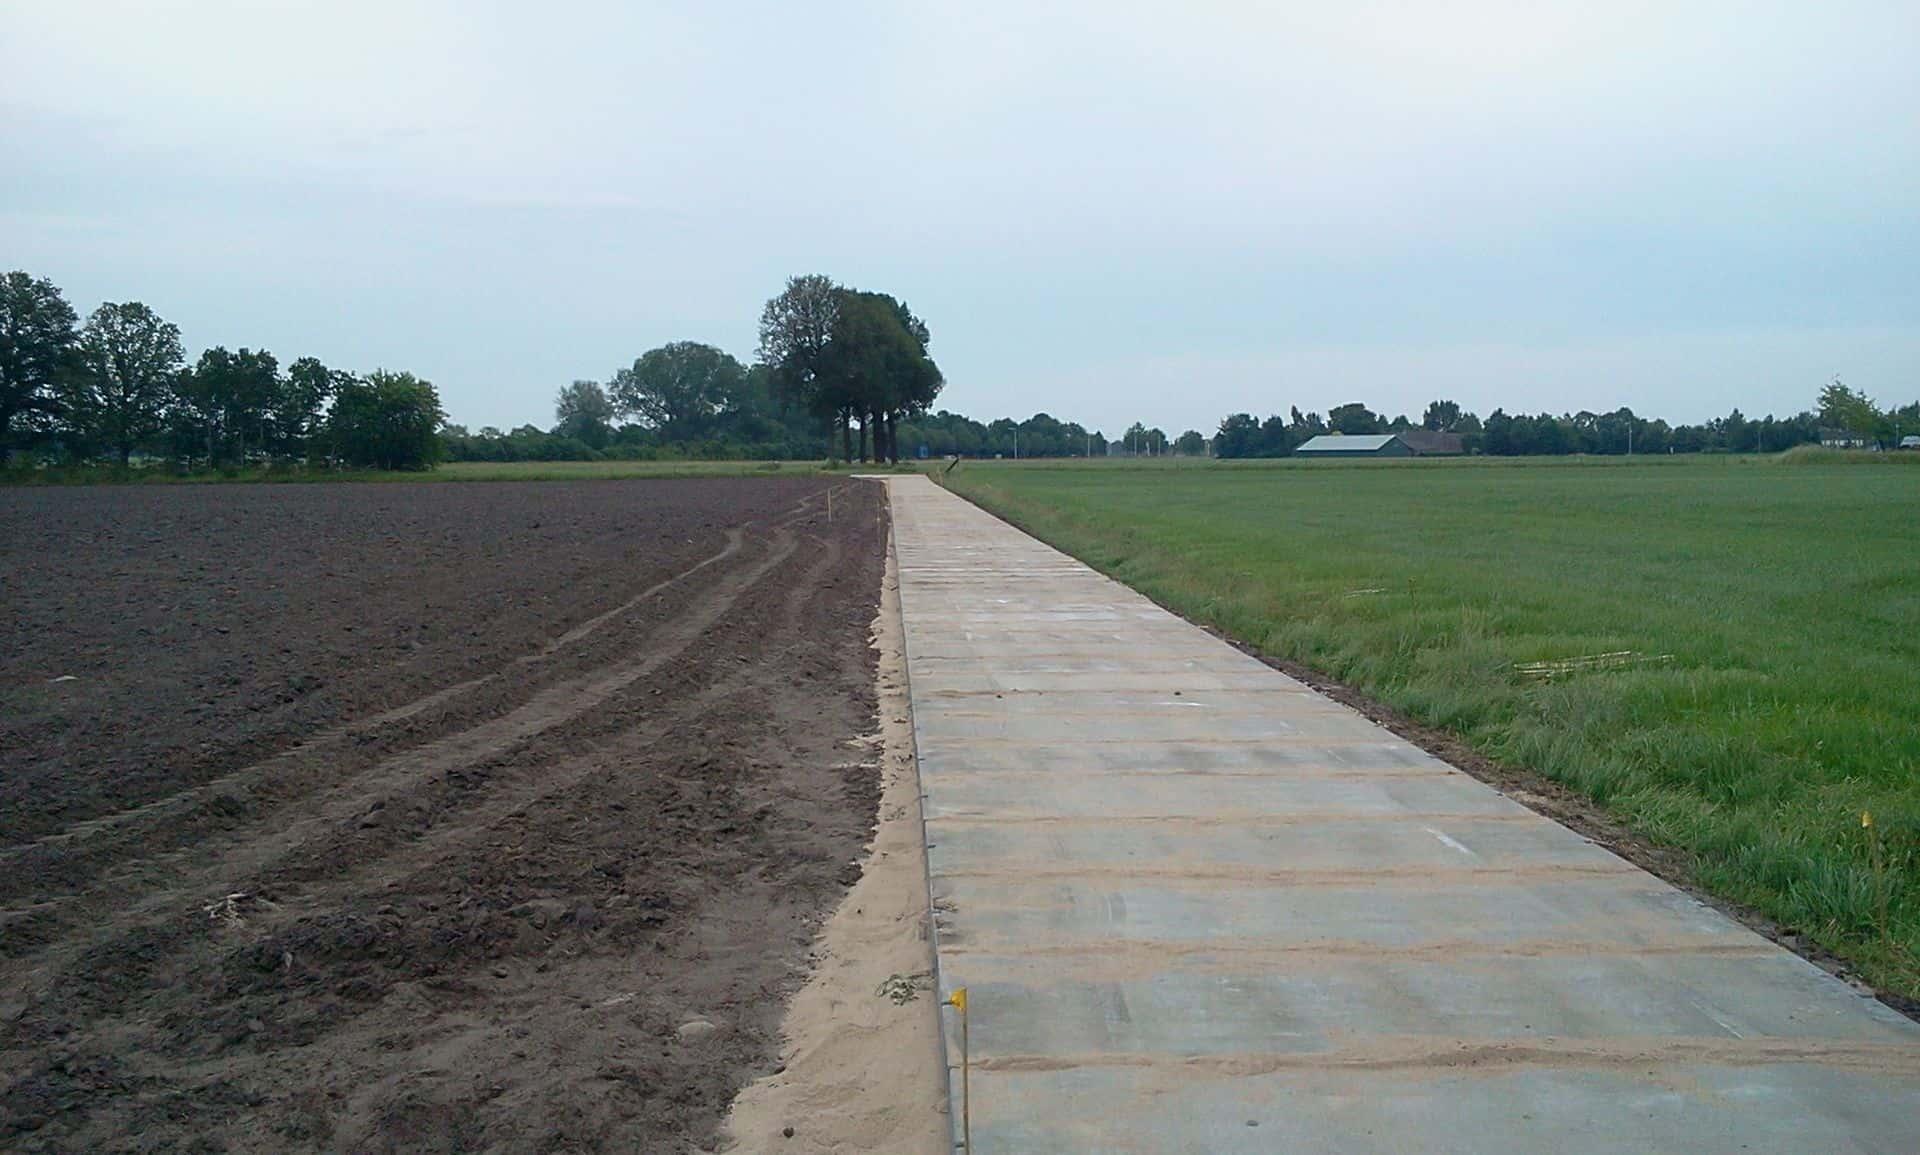 Kavelpad met betonplaten 300x120x.12 en afwerking met zand